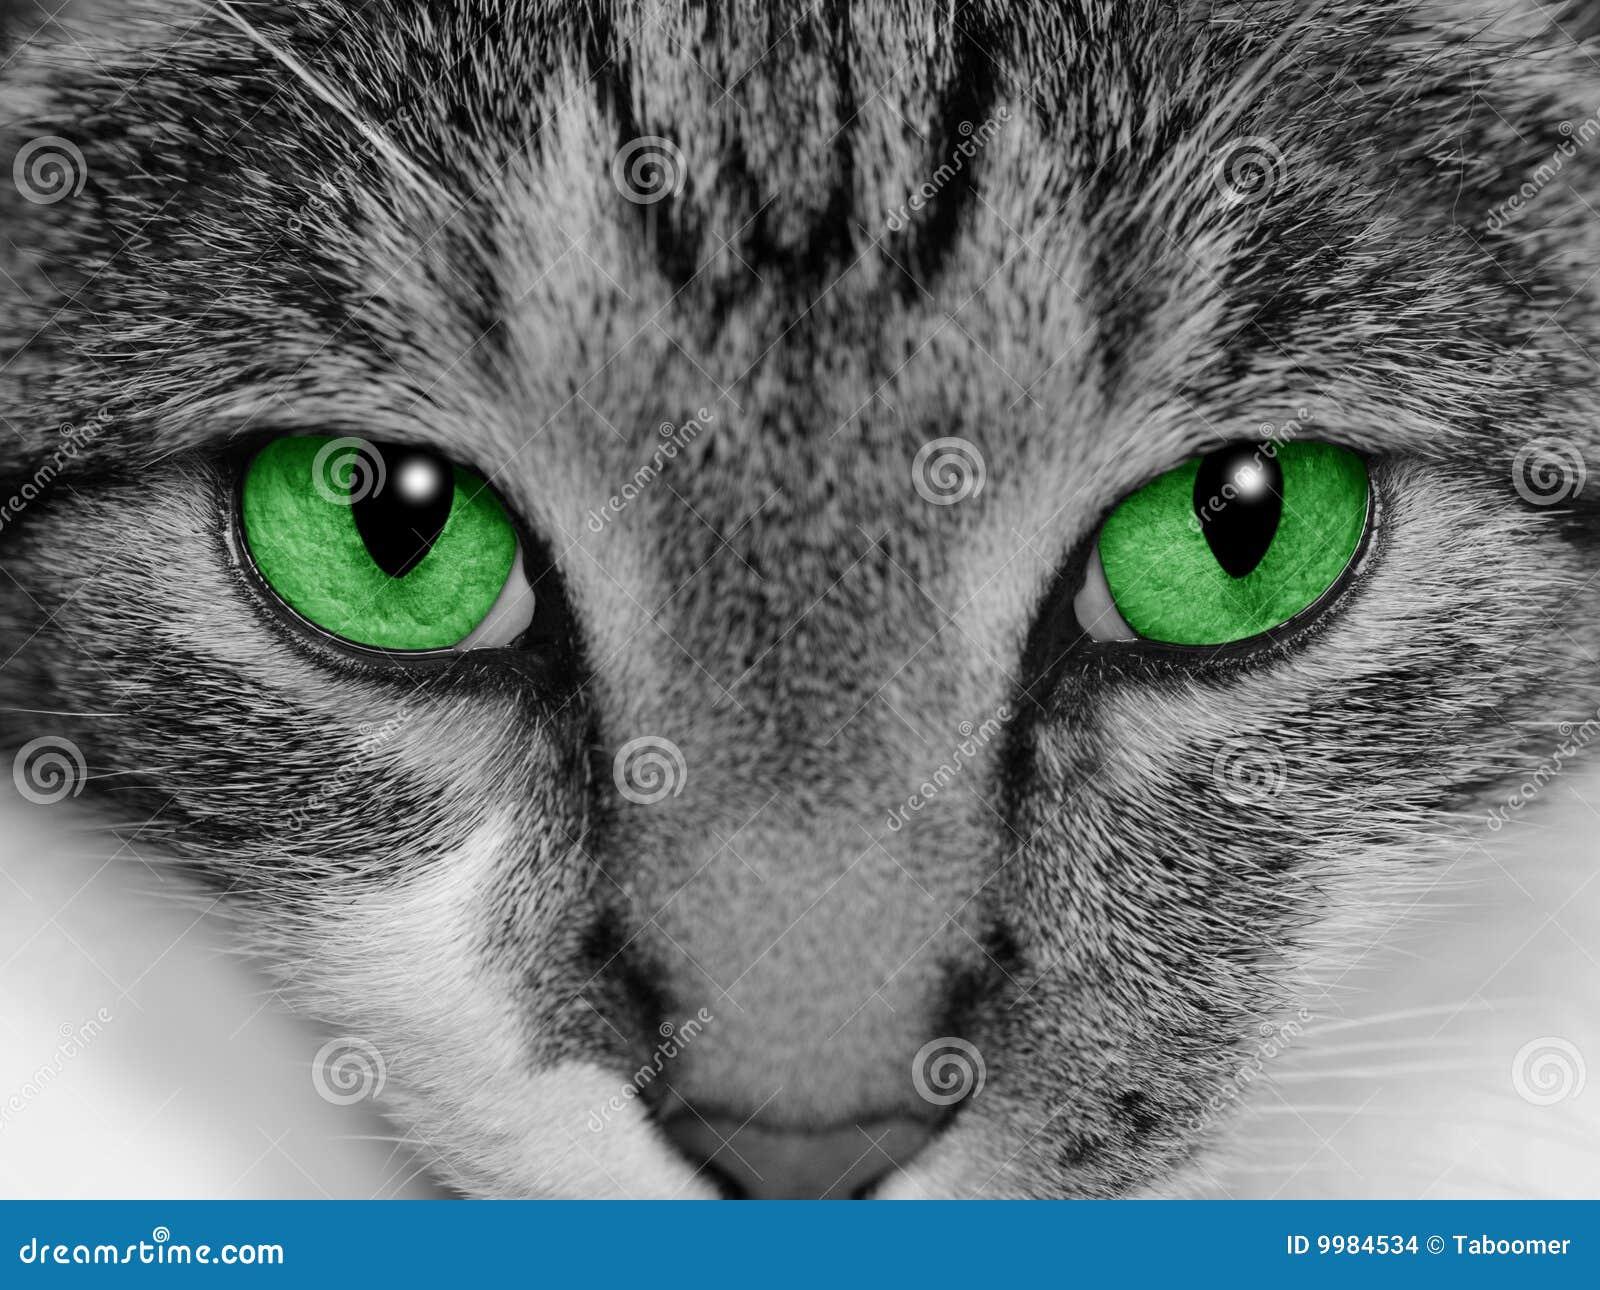 Kot przyglądająca się zieleń